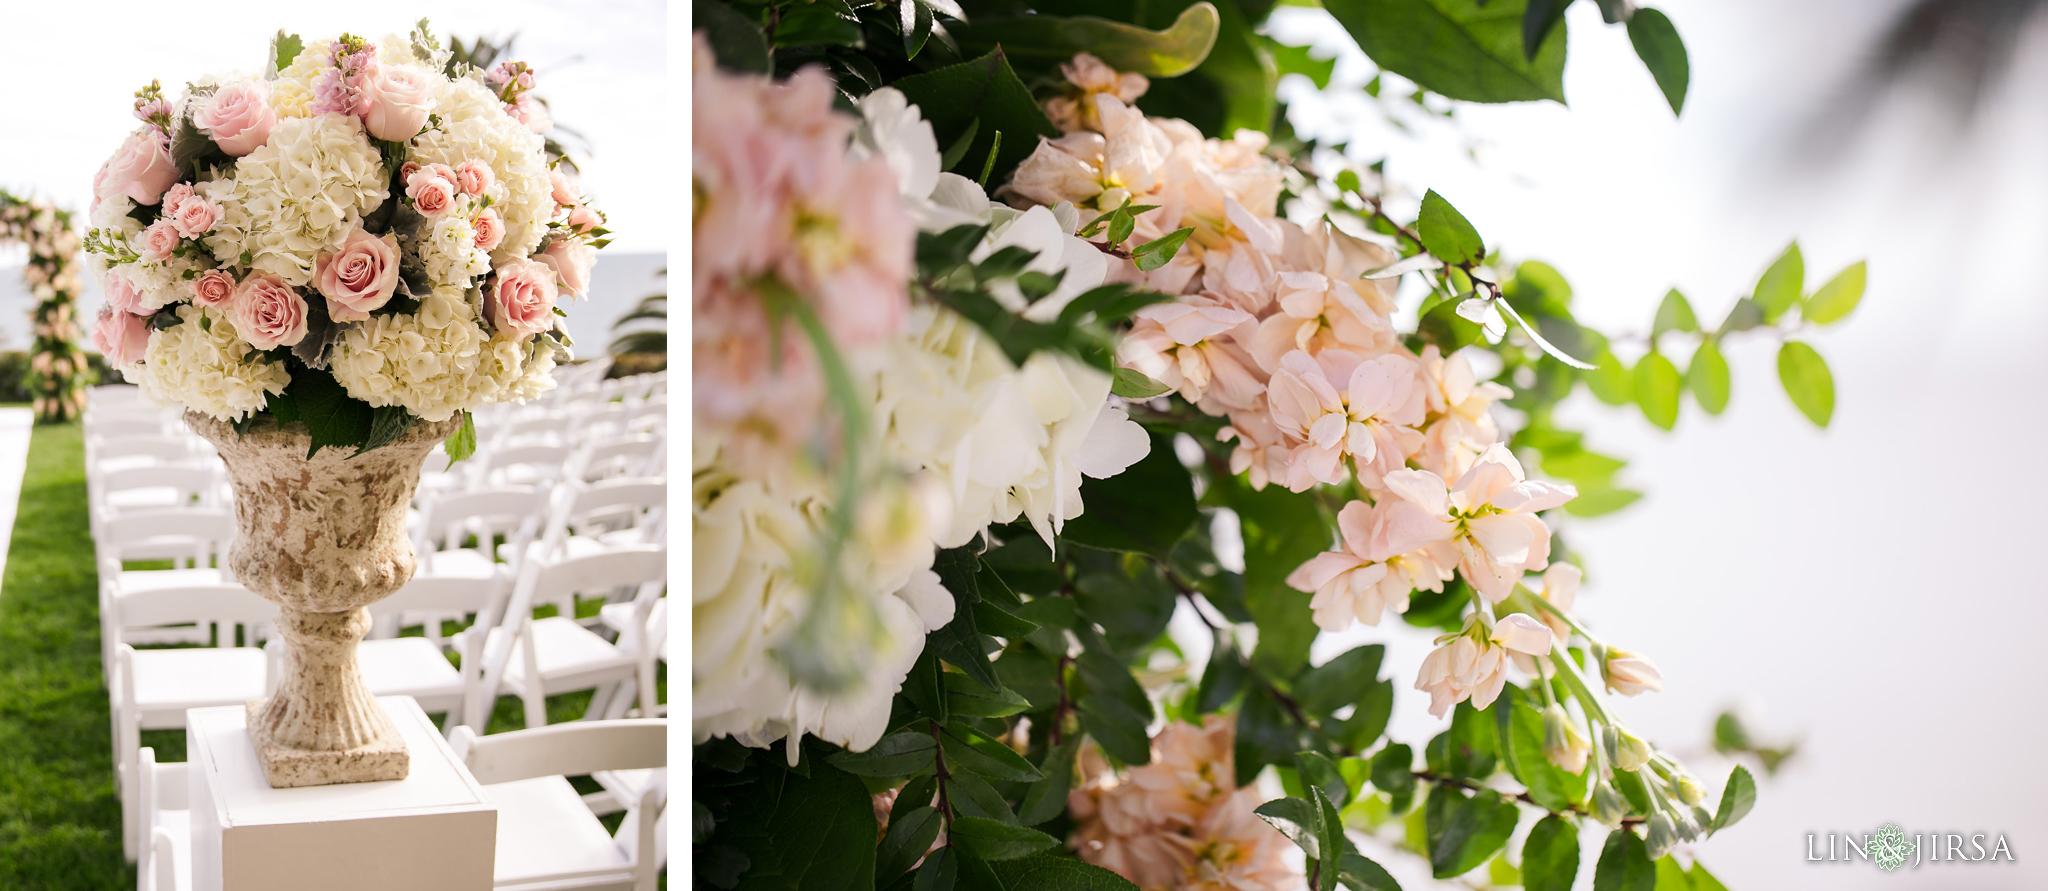 16 Bel Air Bay Club Los Angeles Wedding Photography